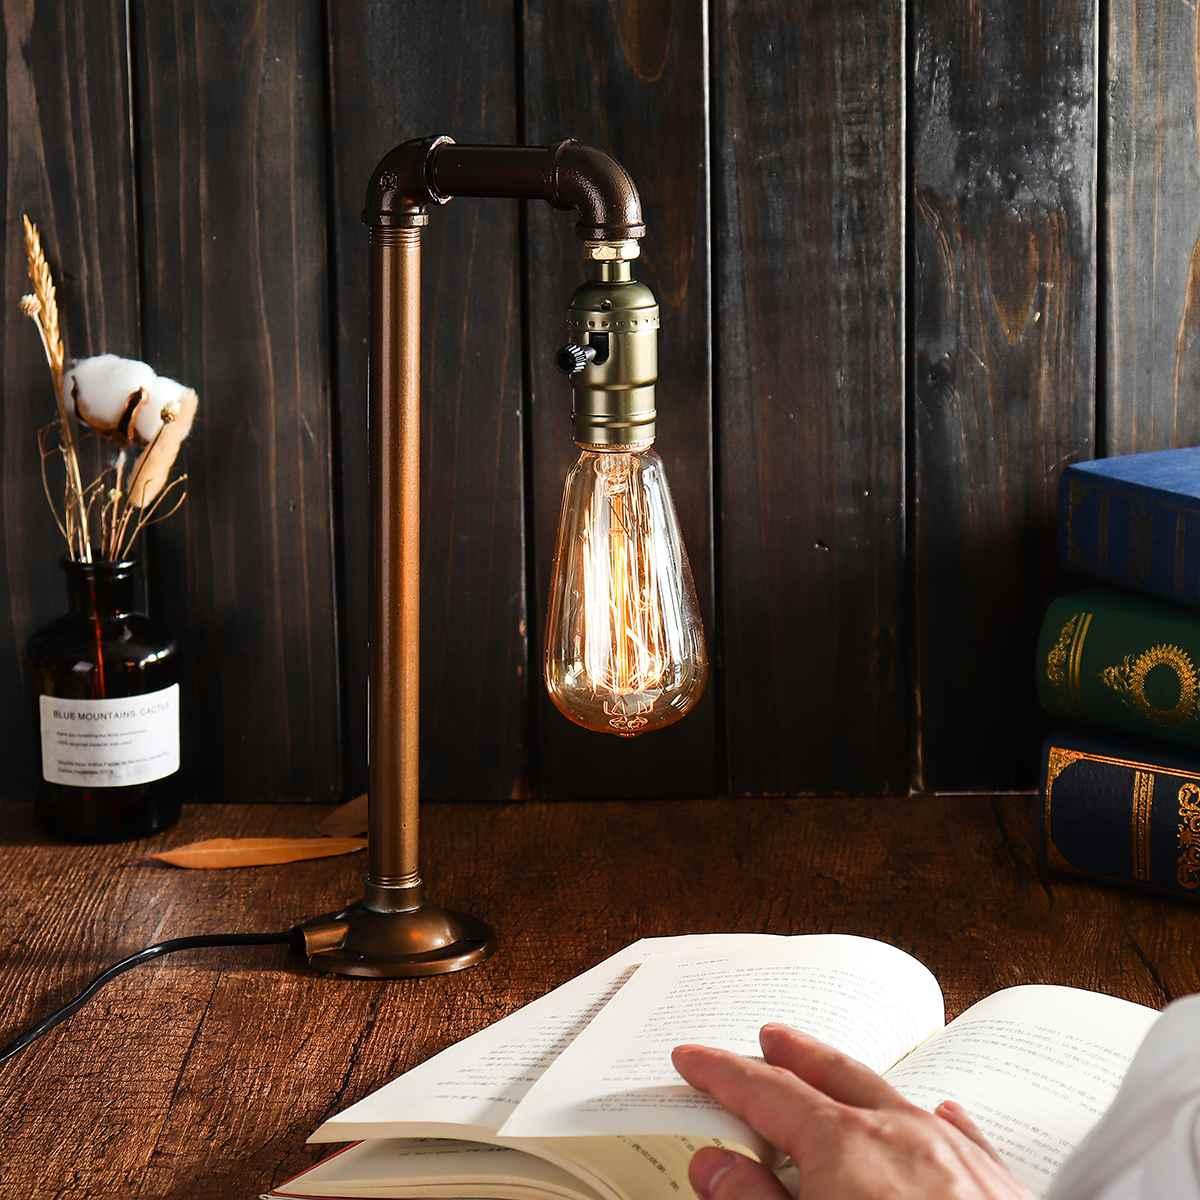 Lampe de Table industrielle à papier, tuyau d'eau, lampe de Table industrielle à E27 ampoules, lumière de bureau Vintage, lampe à lanterne, éclairage intérieur, décoration de chambre à coucher